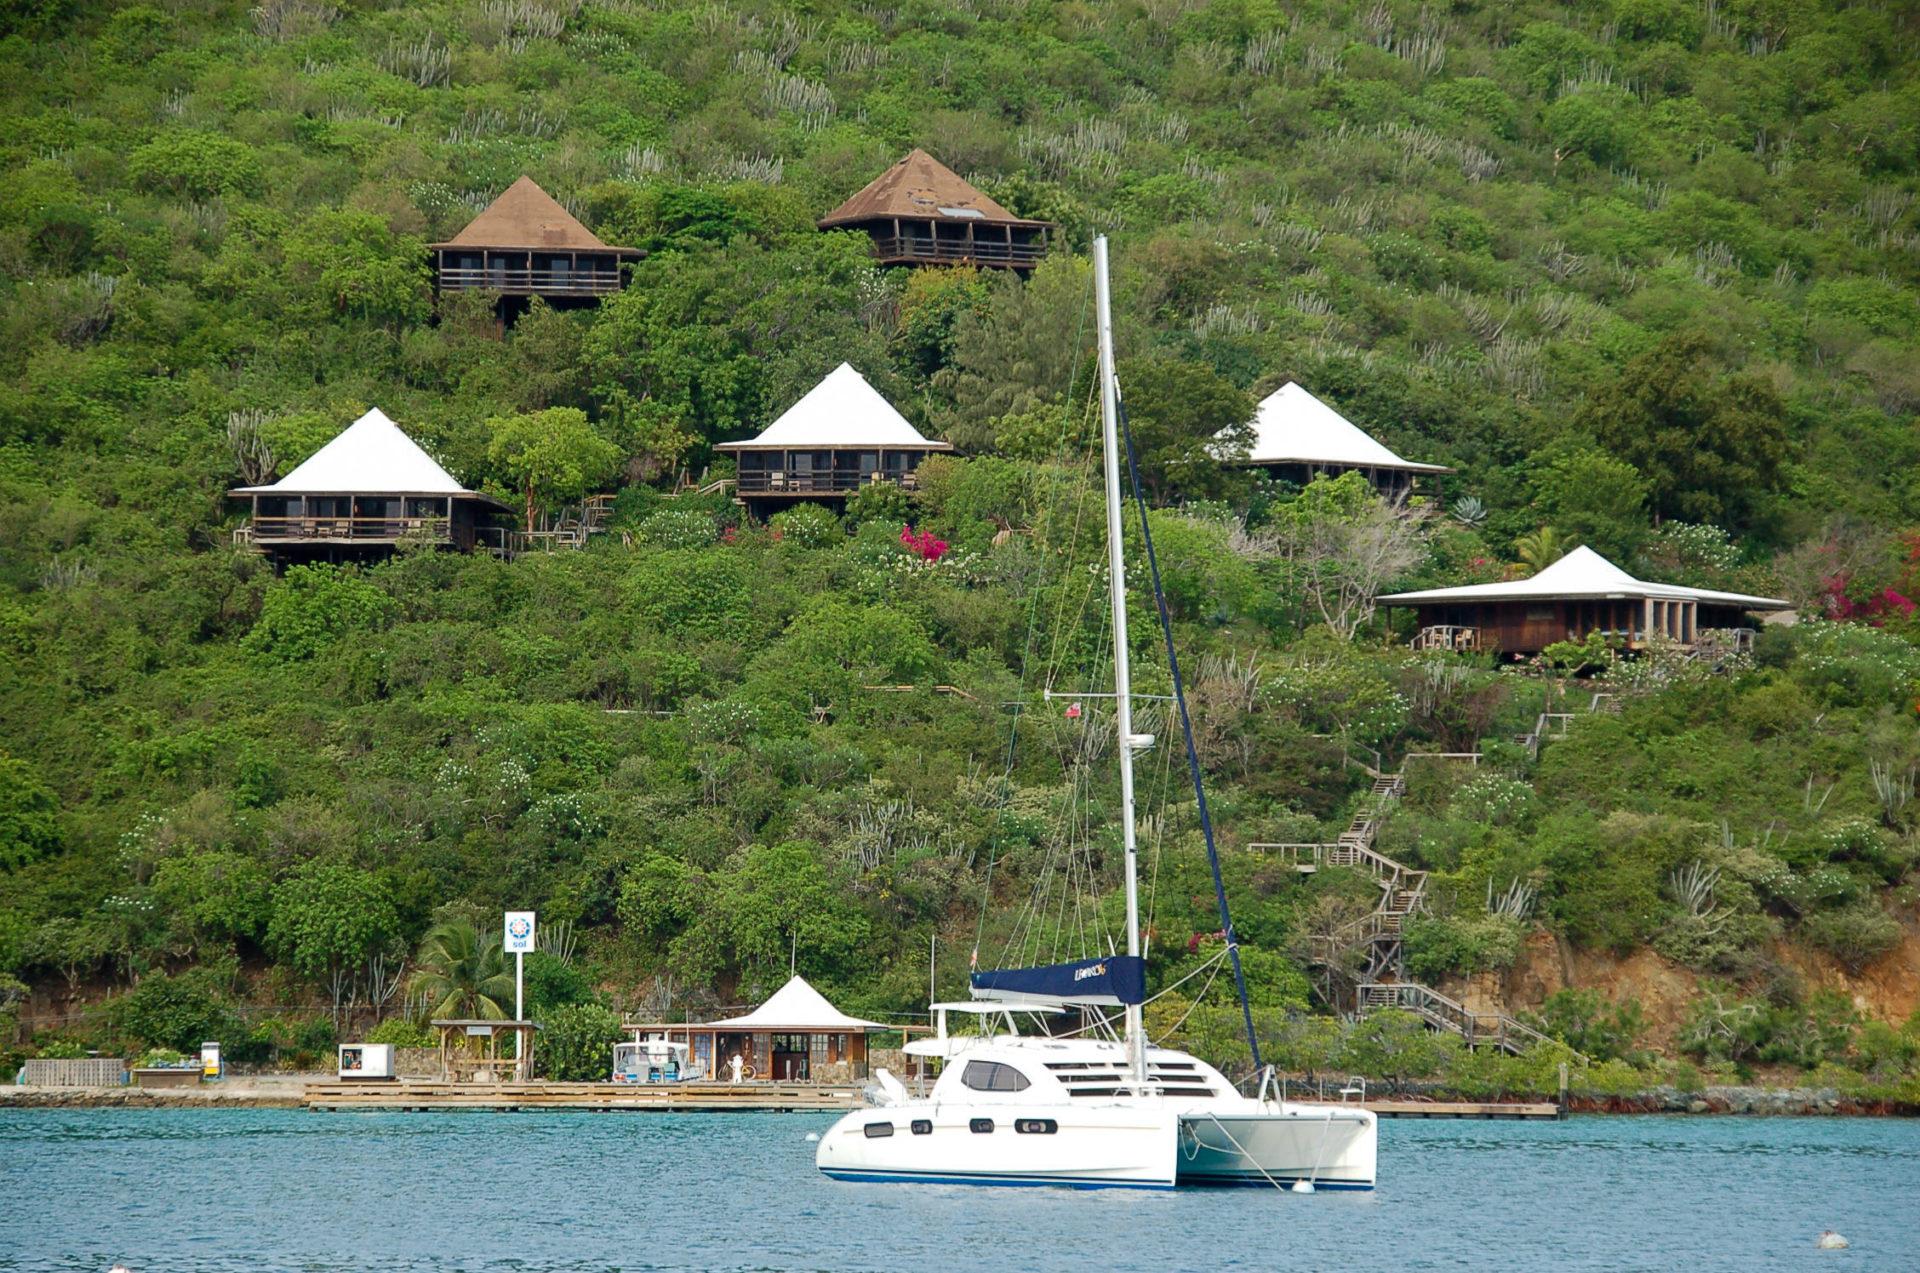 Villen des Bitter End Yacht Club auf den British Virgin Islands in der Nähe von Sandy Spit